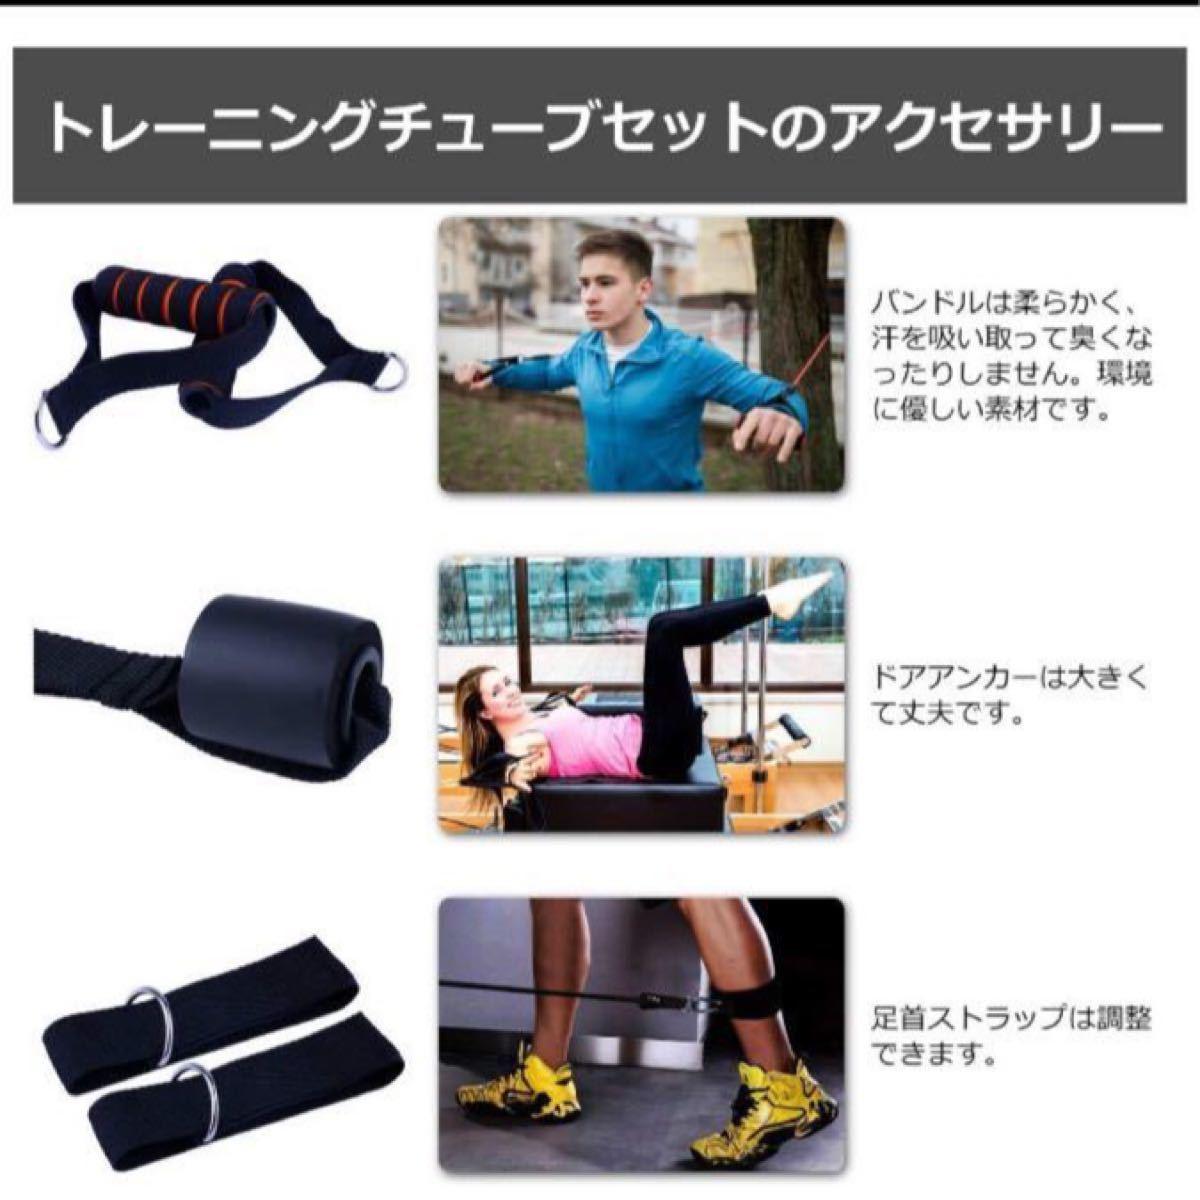 新品 トレーニングチューブ 筋トレ エクササイズ